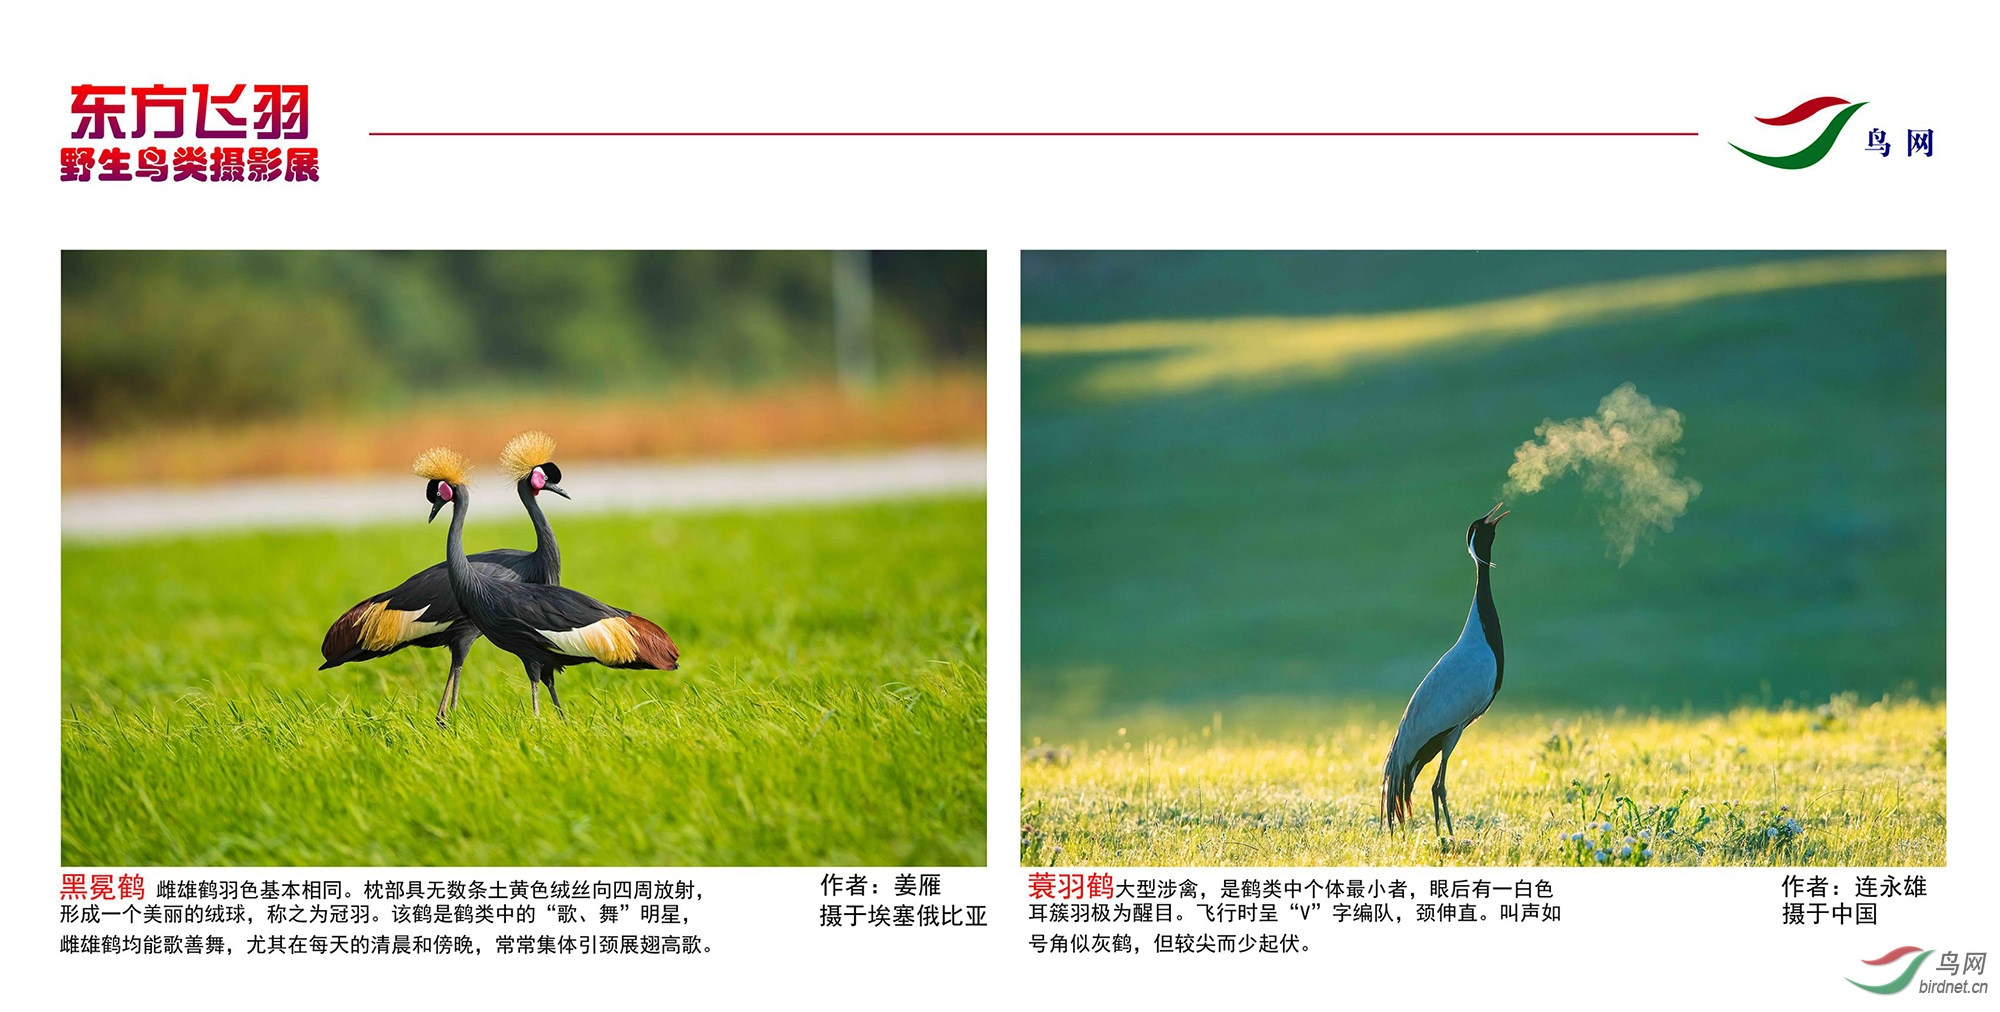 1_东方明珠摄影展照片_16.jpg